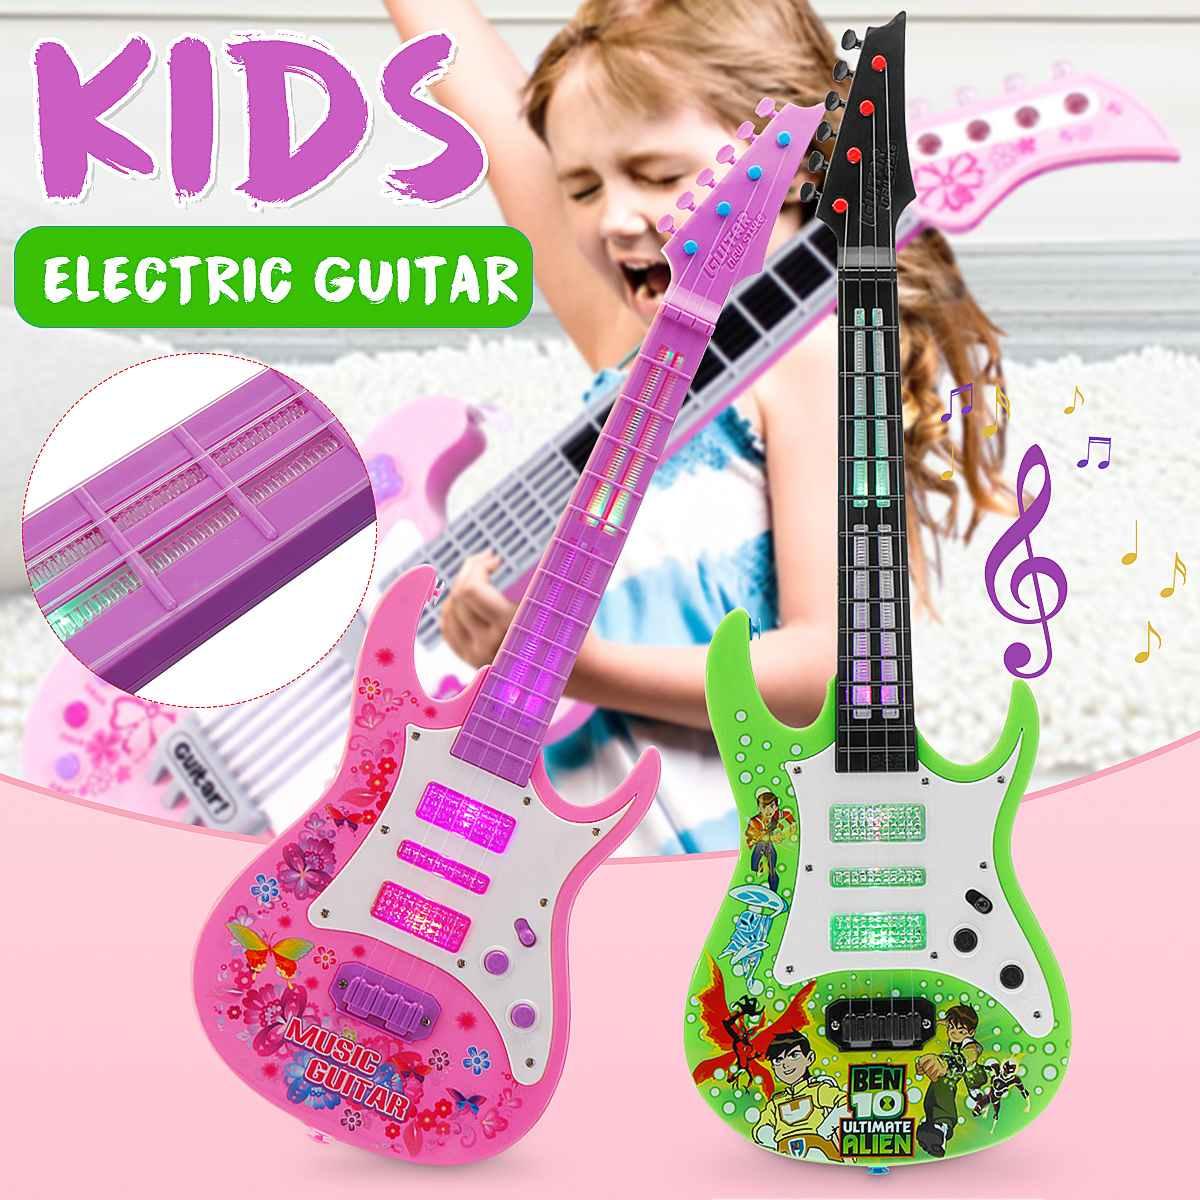 4 строки Музыка электрогитары Высокое качество детский саксофон музыкальные инструменты Развивающие игрушки для детей, подарок